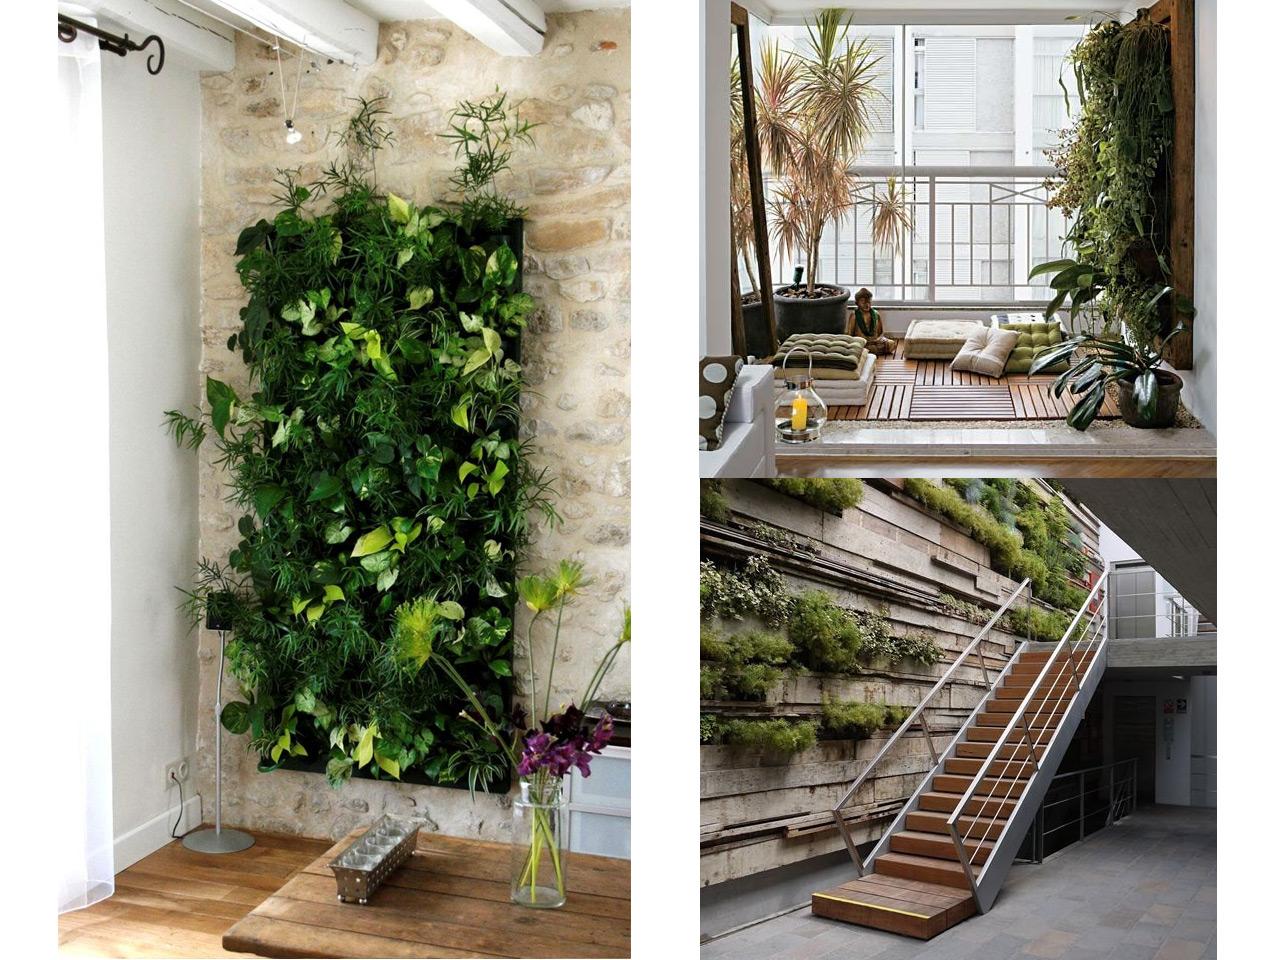 jardin interior expectacular en este dise ointerior de vivienda Jardines verticales